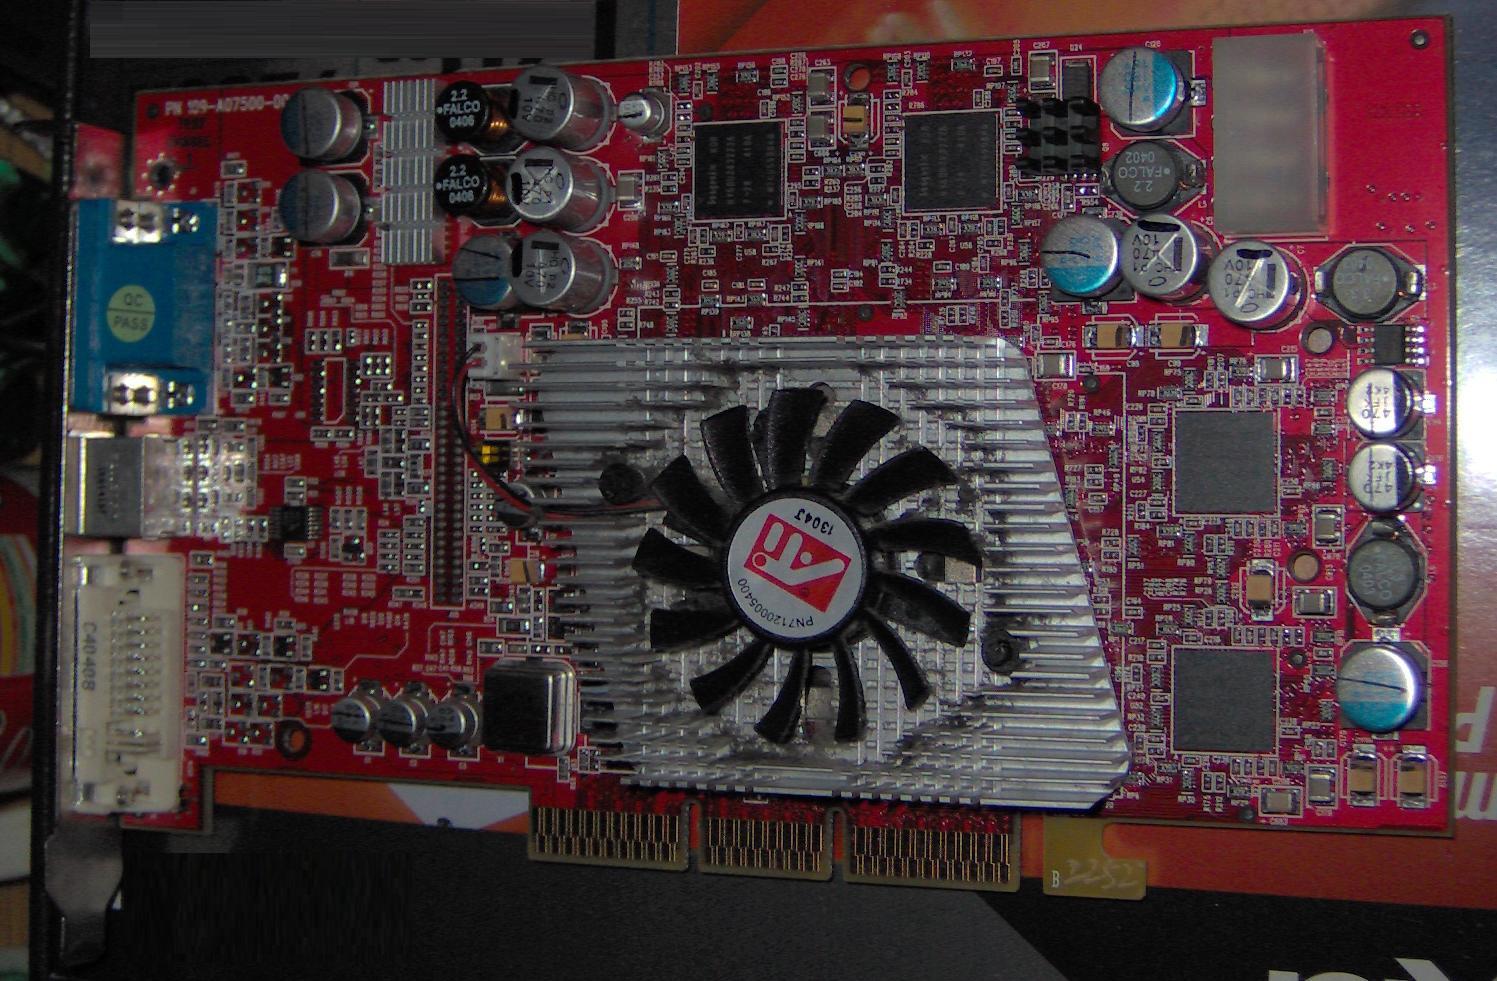 FileATI Radeon 9800 Pro